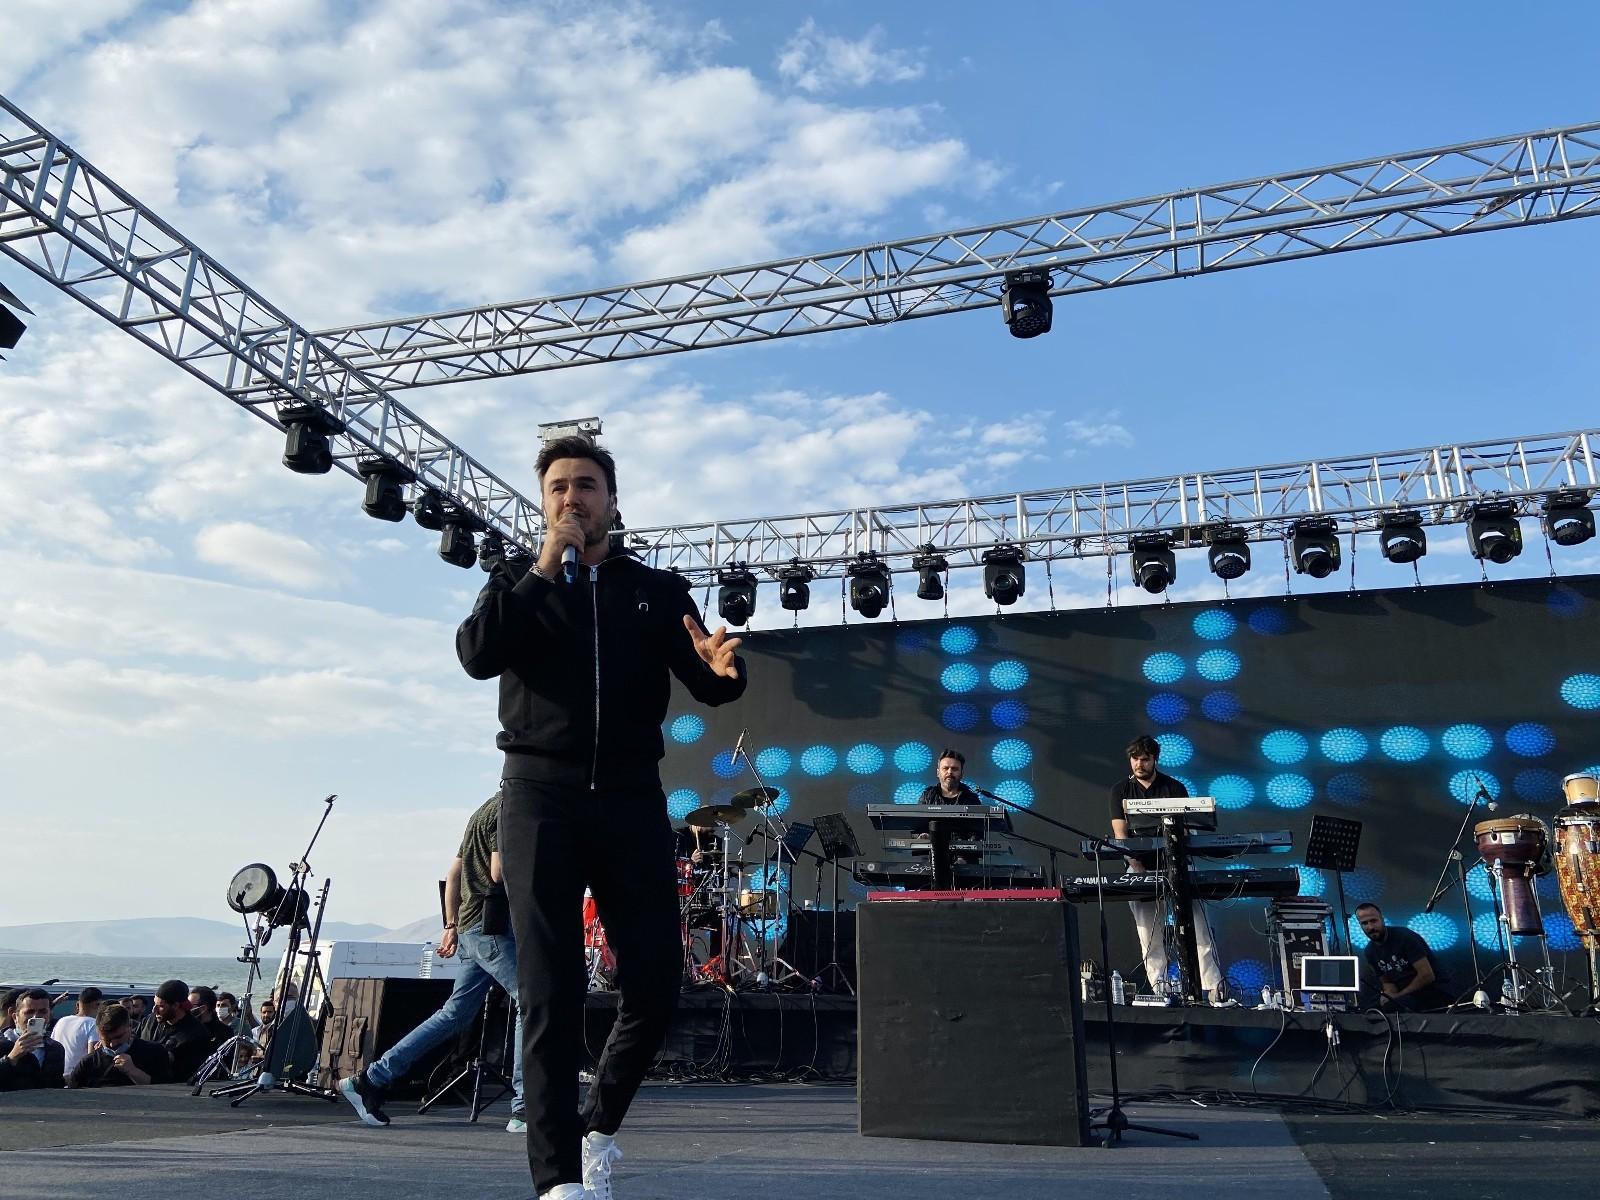 Ağrı'da 2. Balık Gölü Festivali başladı